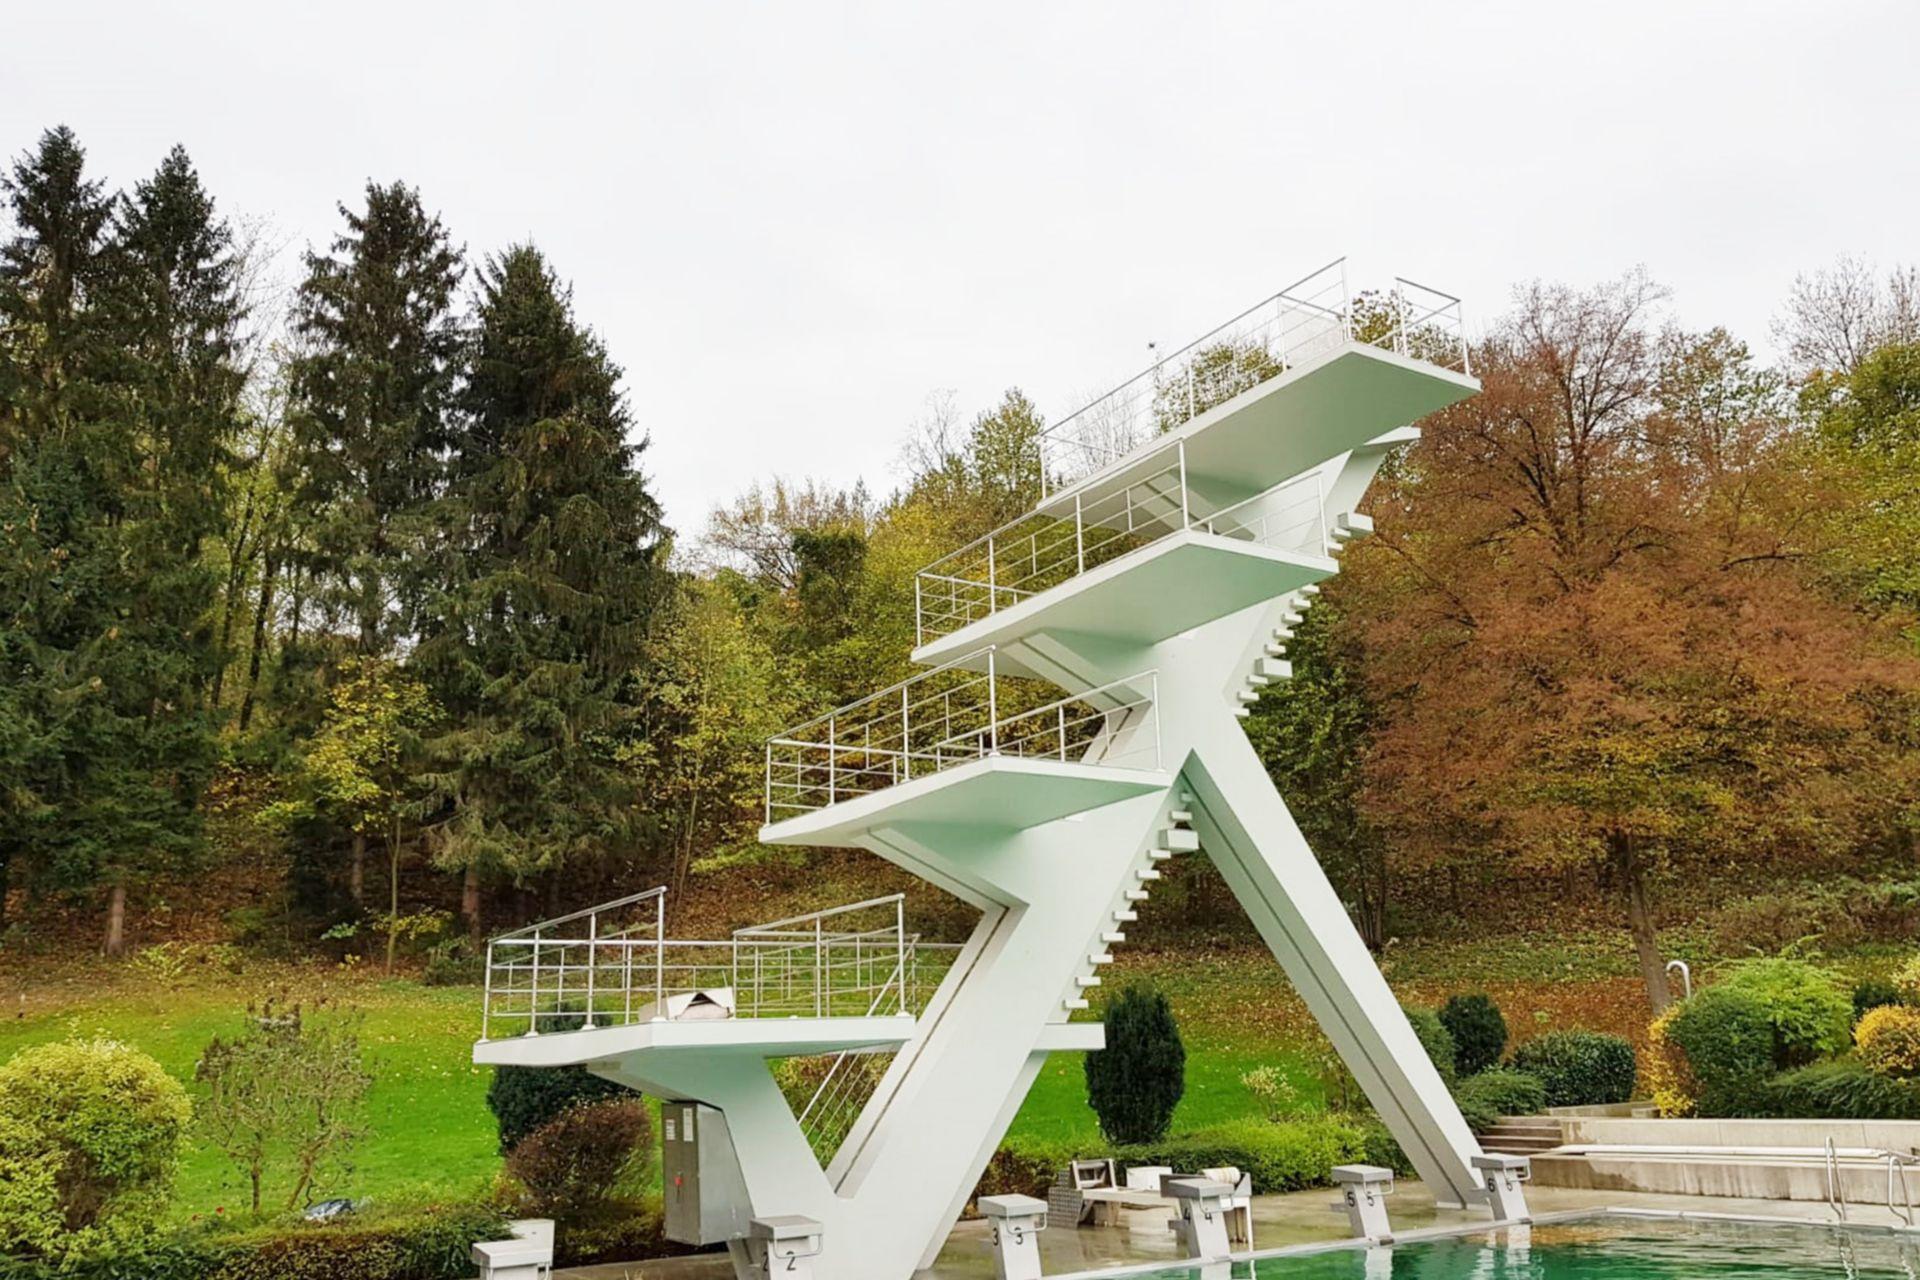 Sanierung des 10 m hohen Sprungturms im Freibad Steyr